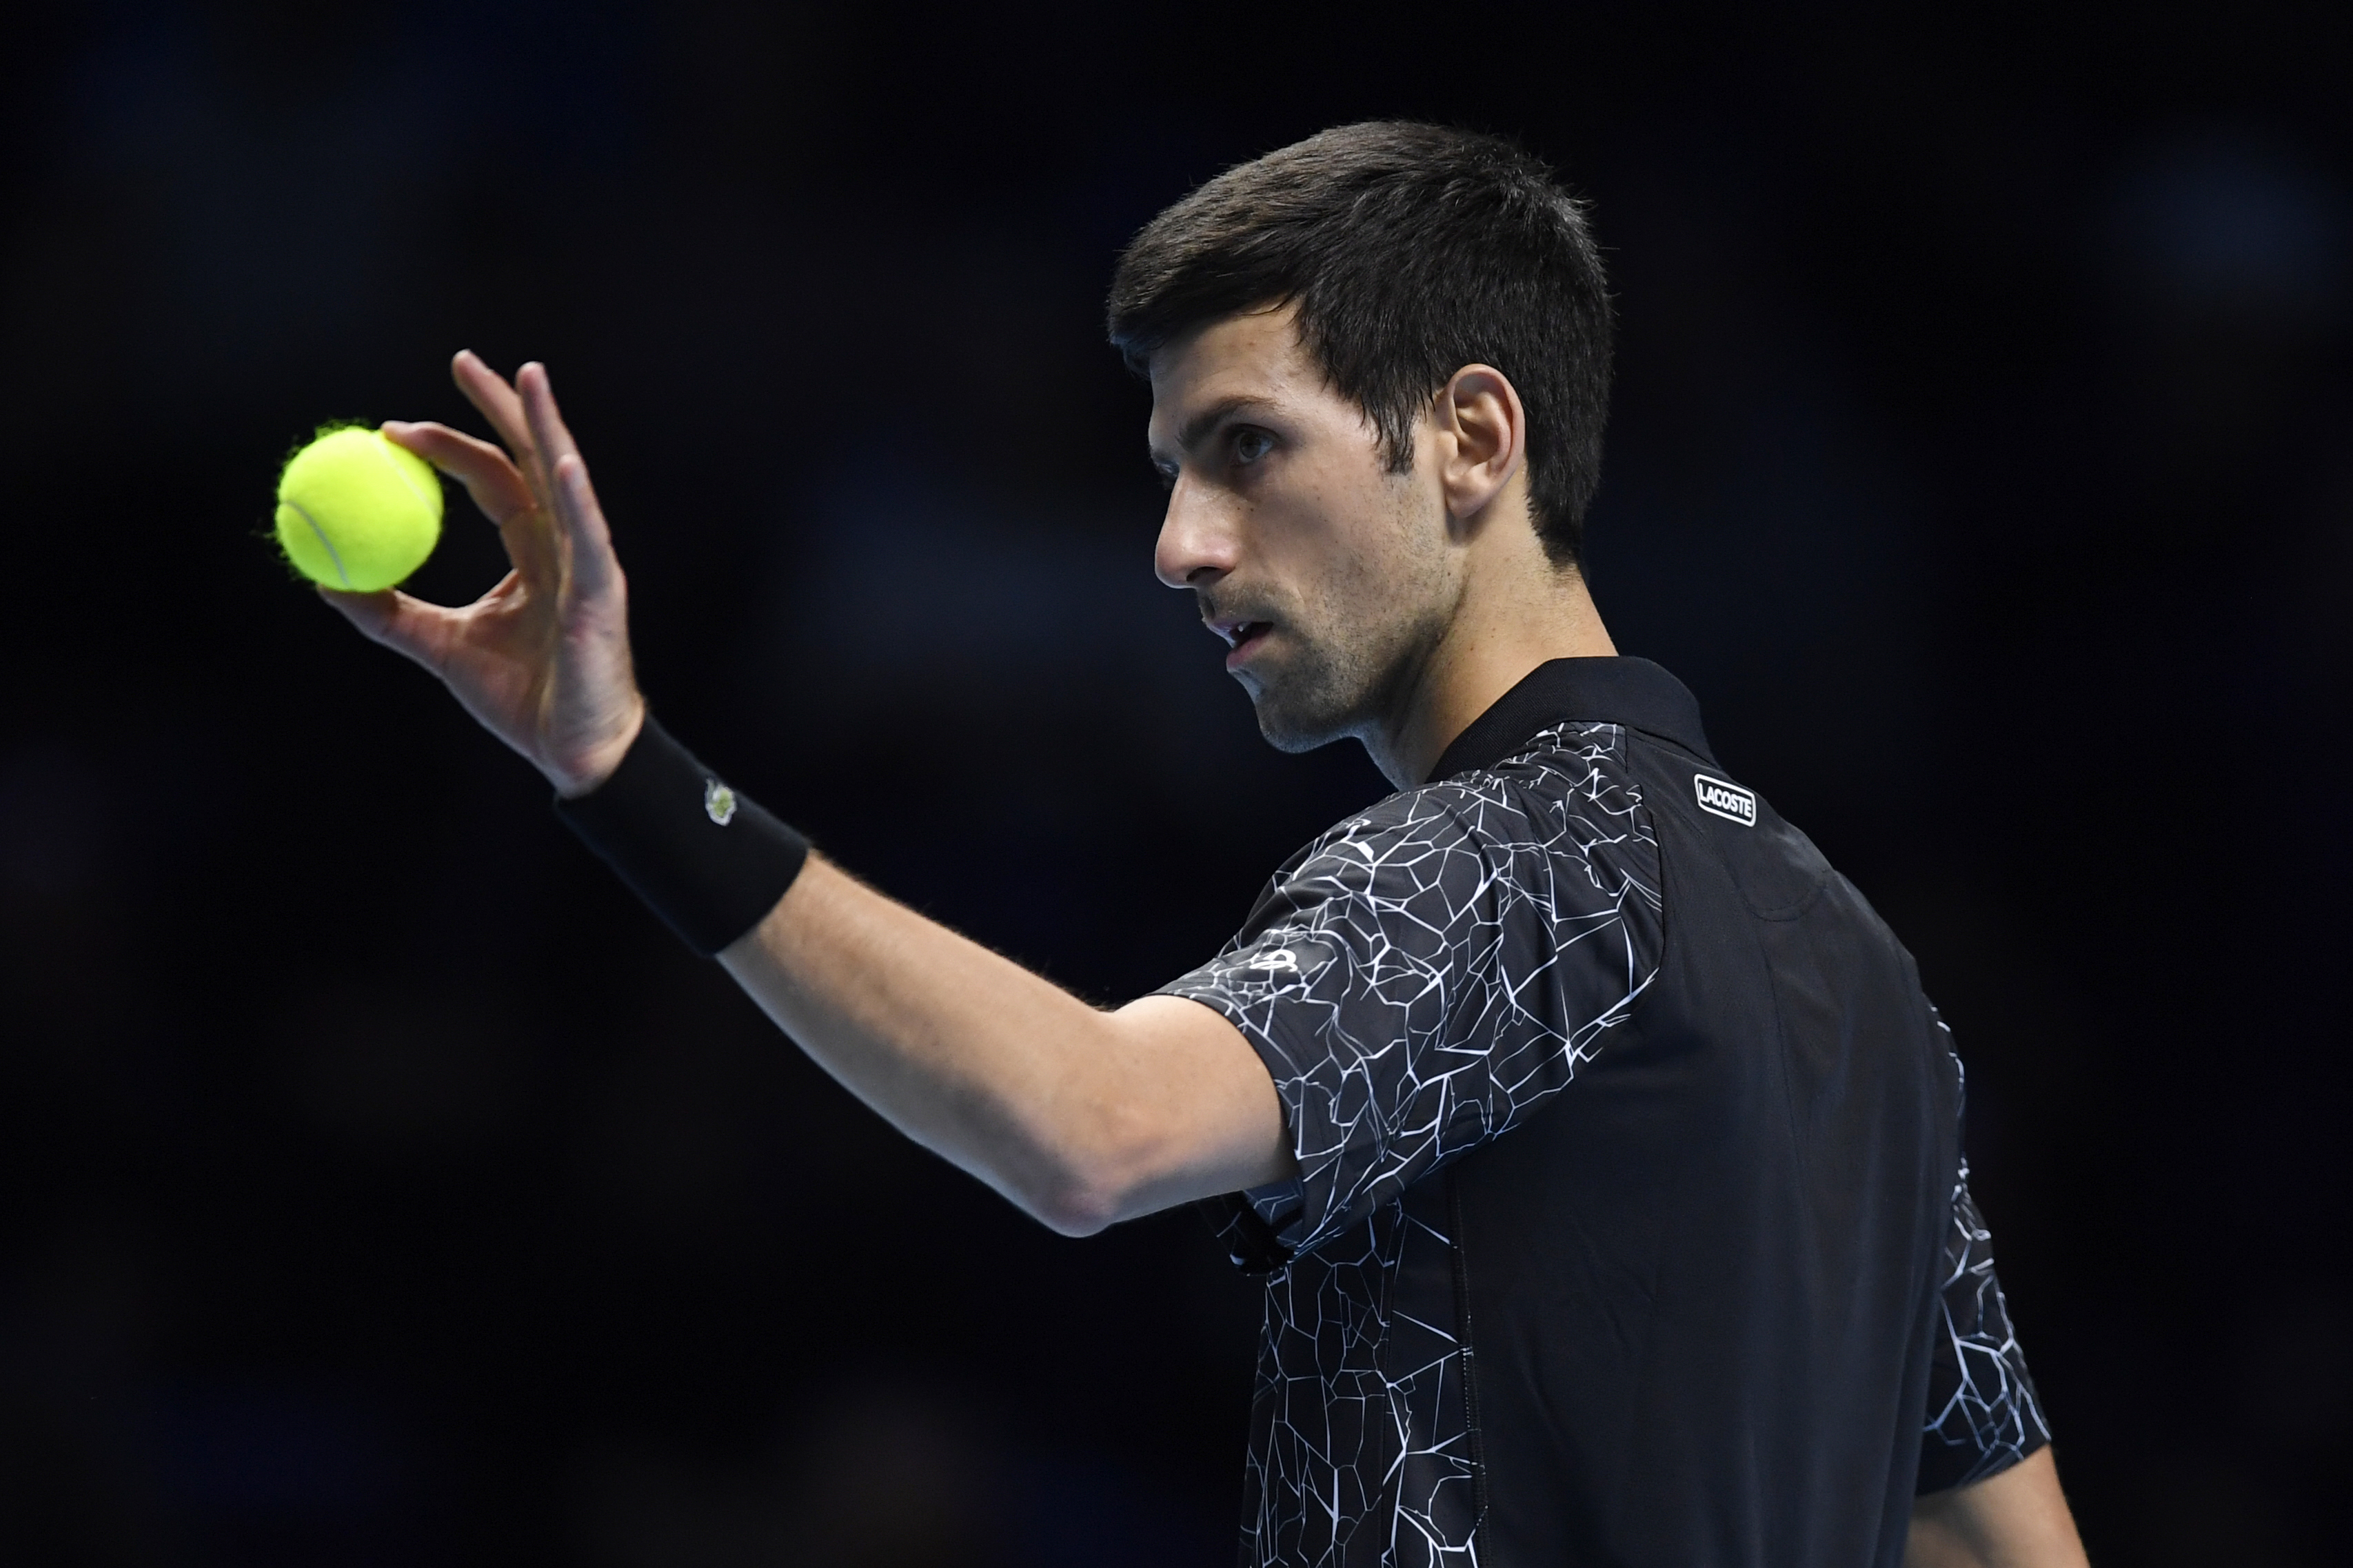 Mоќно видео за Ѓоковиќ, АТП во чест на нај-тенисерот во моментов